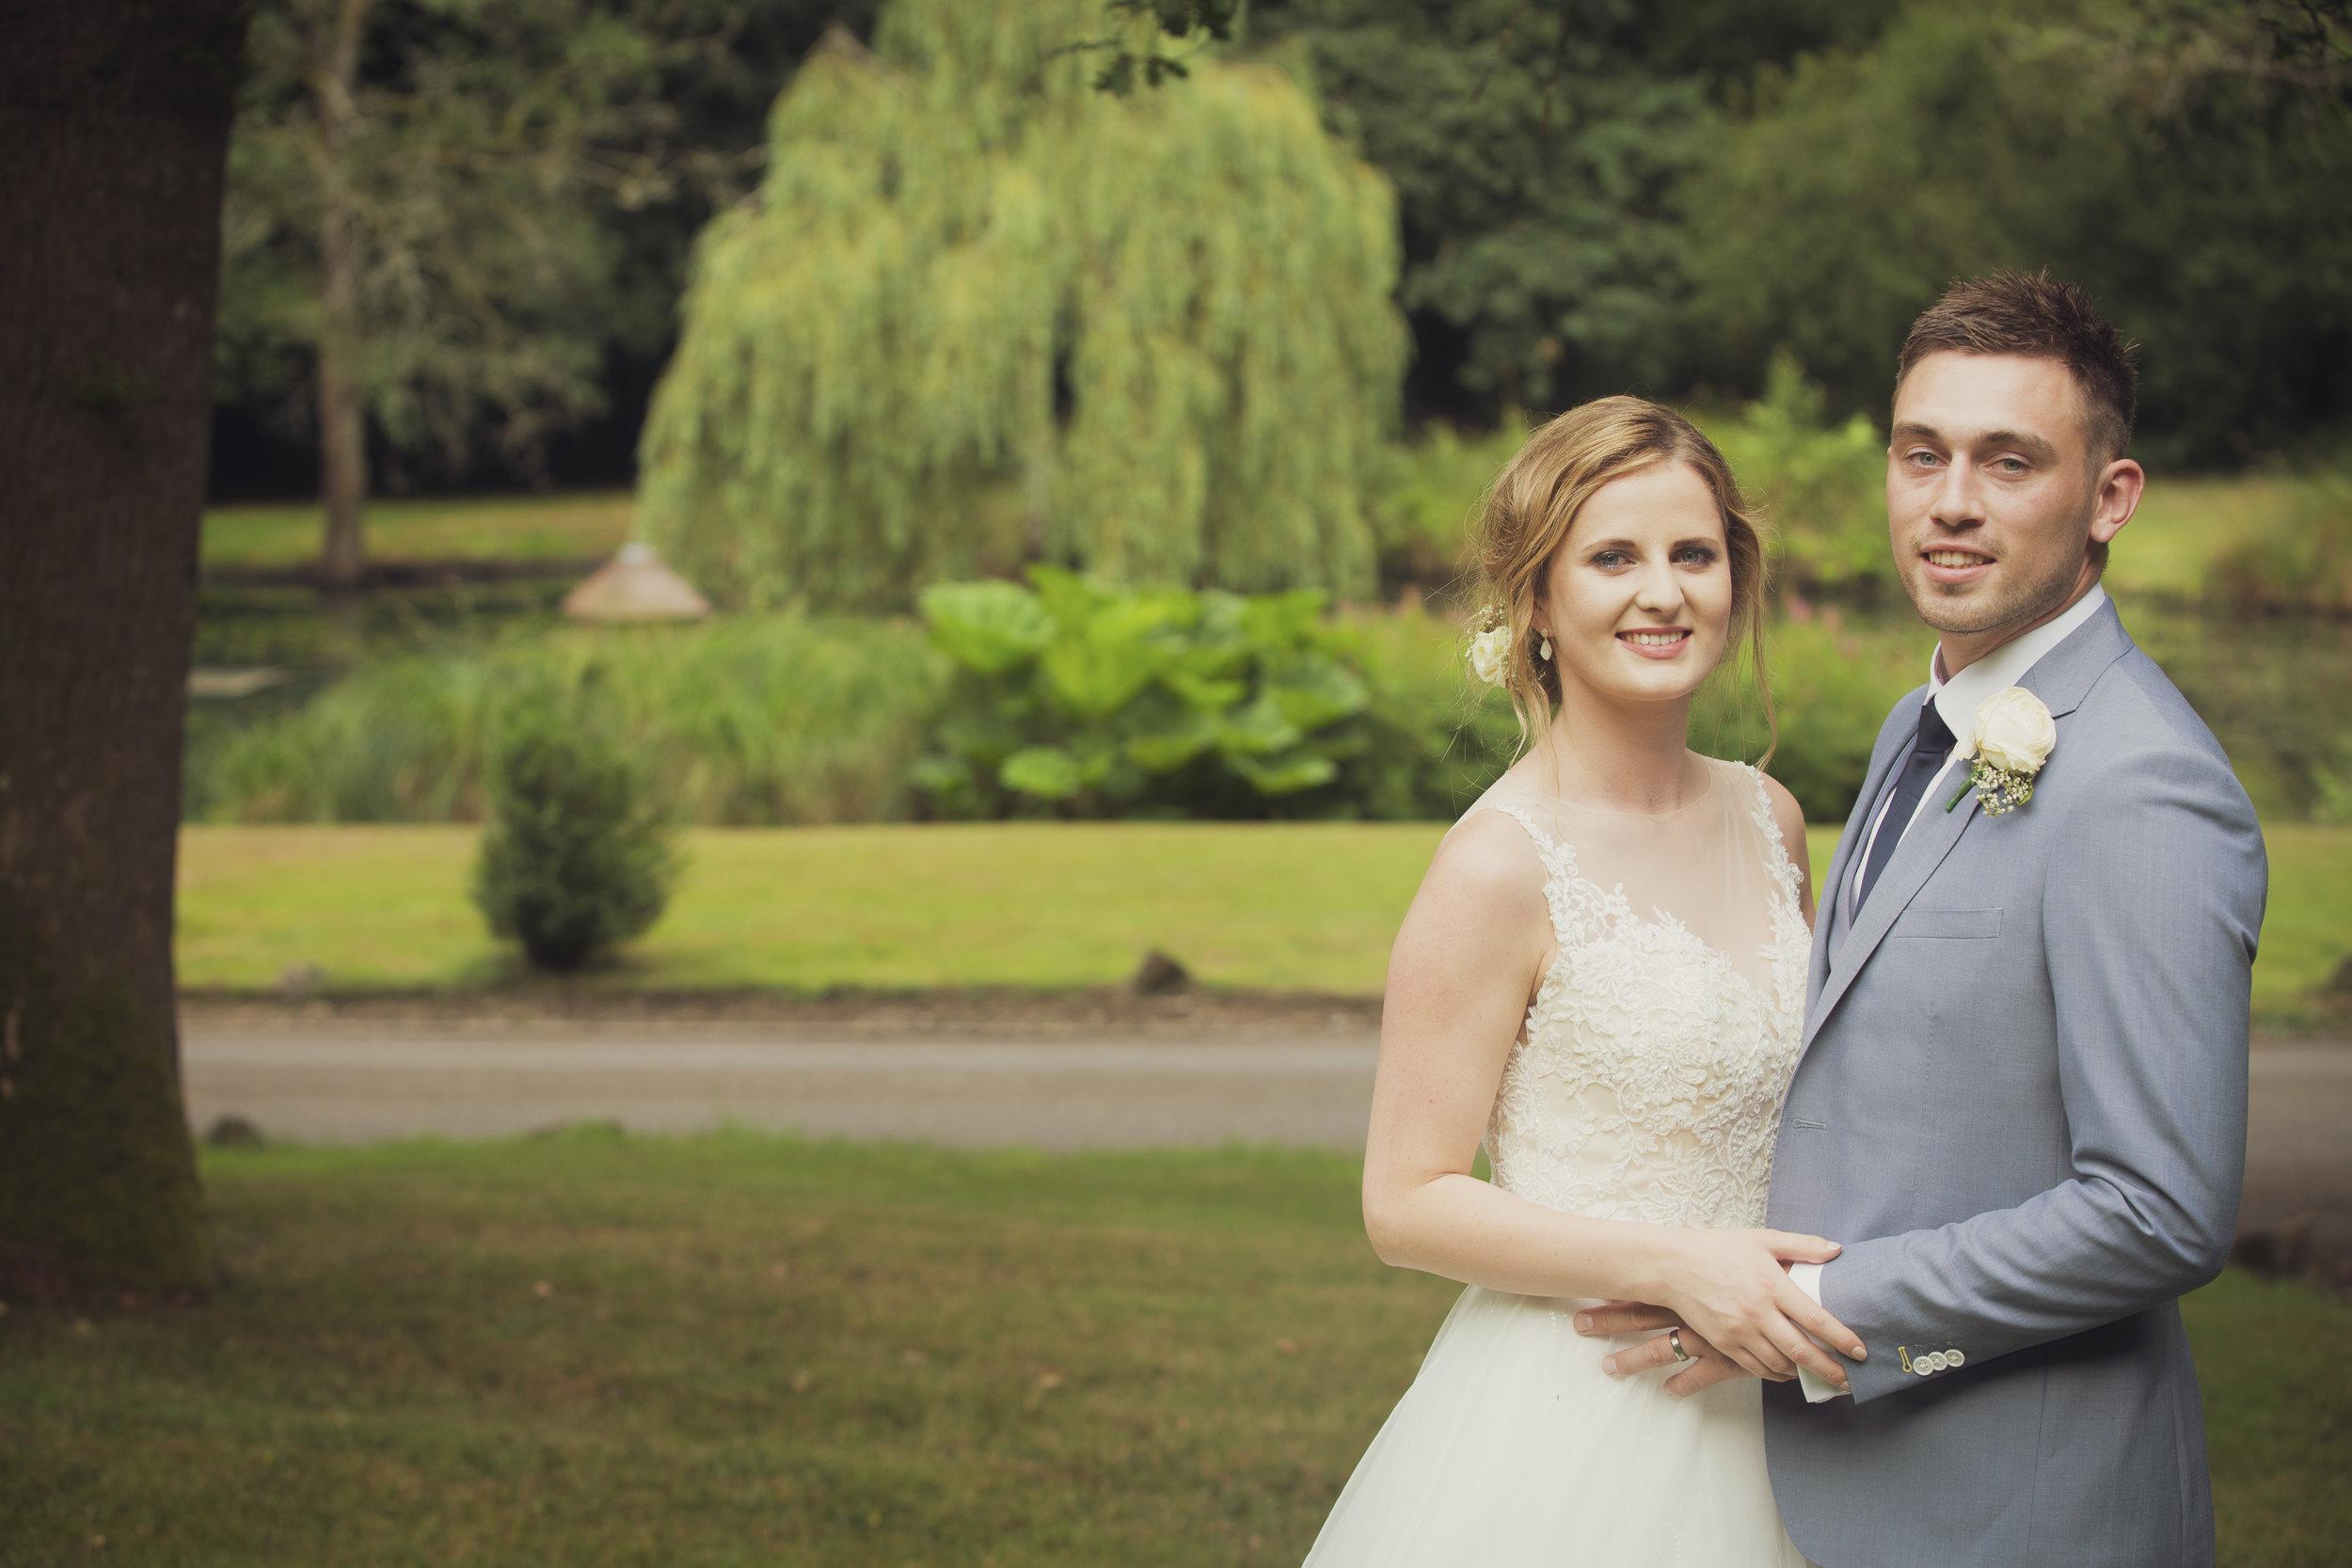 Wedding Photographer in Devon & Somerset